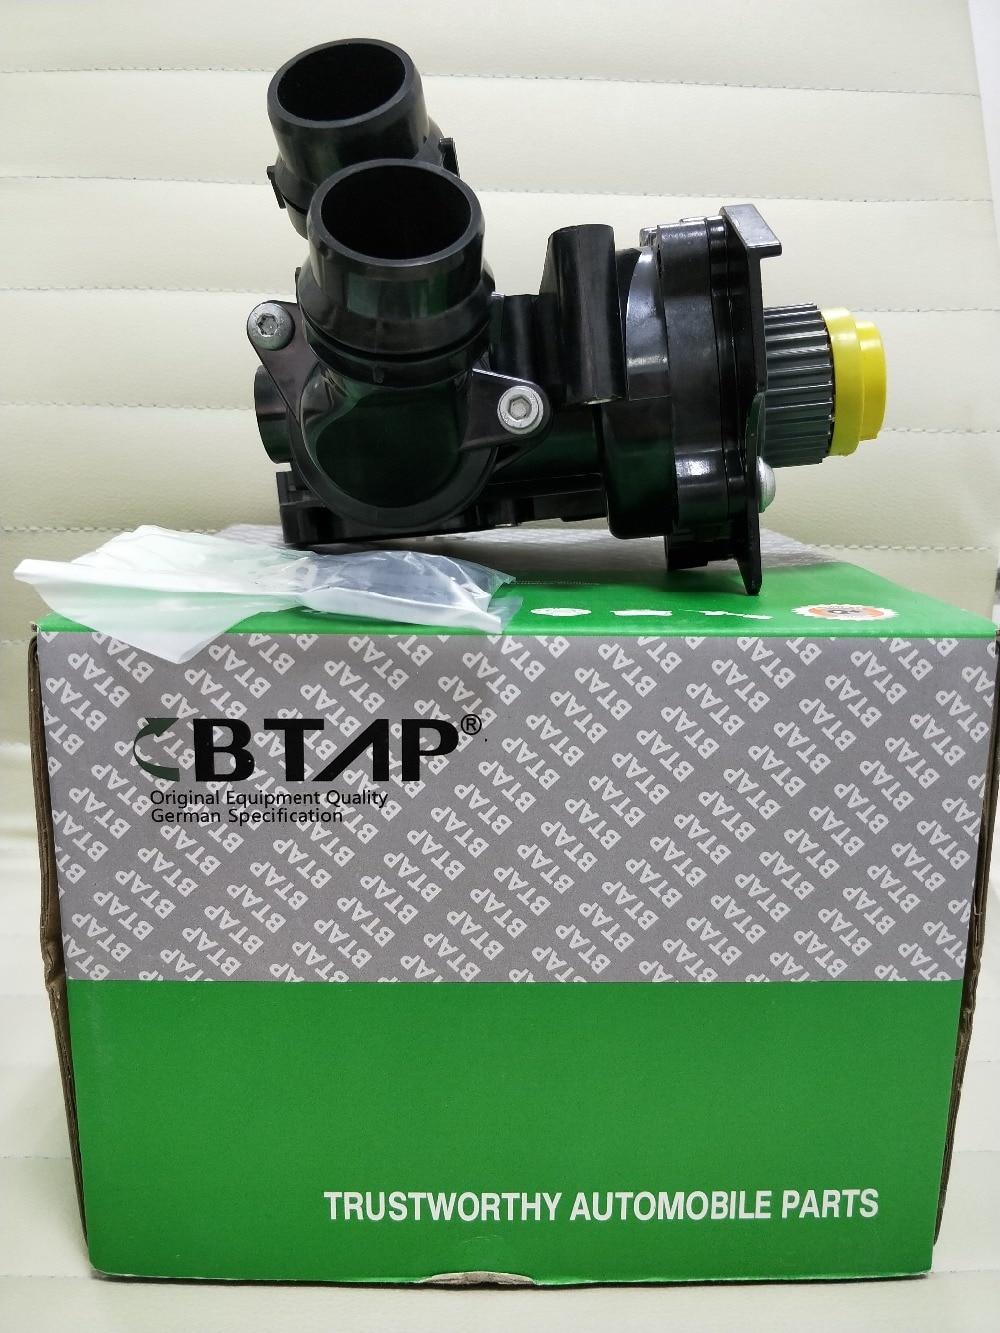 BTAP Engine Water Pump Assembly For VW Passat Jetta GLI Golf GTI MK6 EOS Tiguan AUDI 2.0T 06H121026B 06H 121 026 B/F 06H121026 tuke engine cooling water pump assembly 06h 121 026 06h121026ab for 1 8t 2 0t vw jetta golf tiguan passat cc octavia seat leon